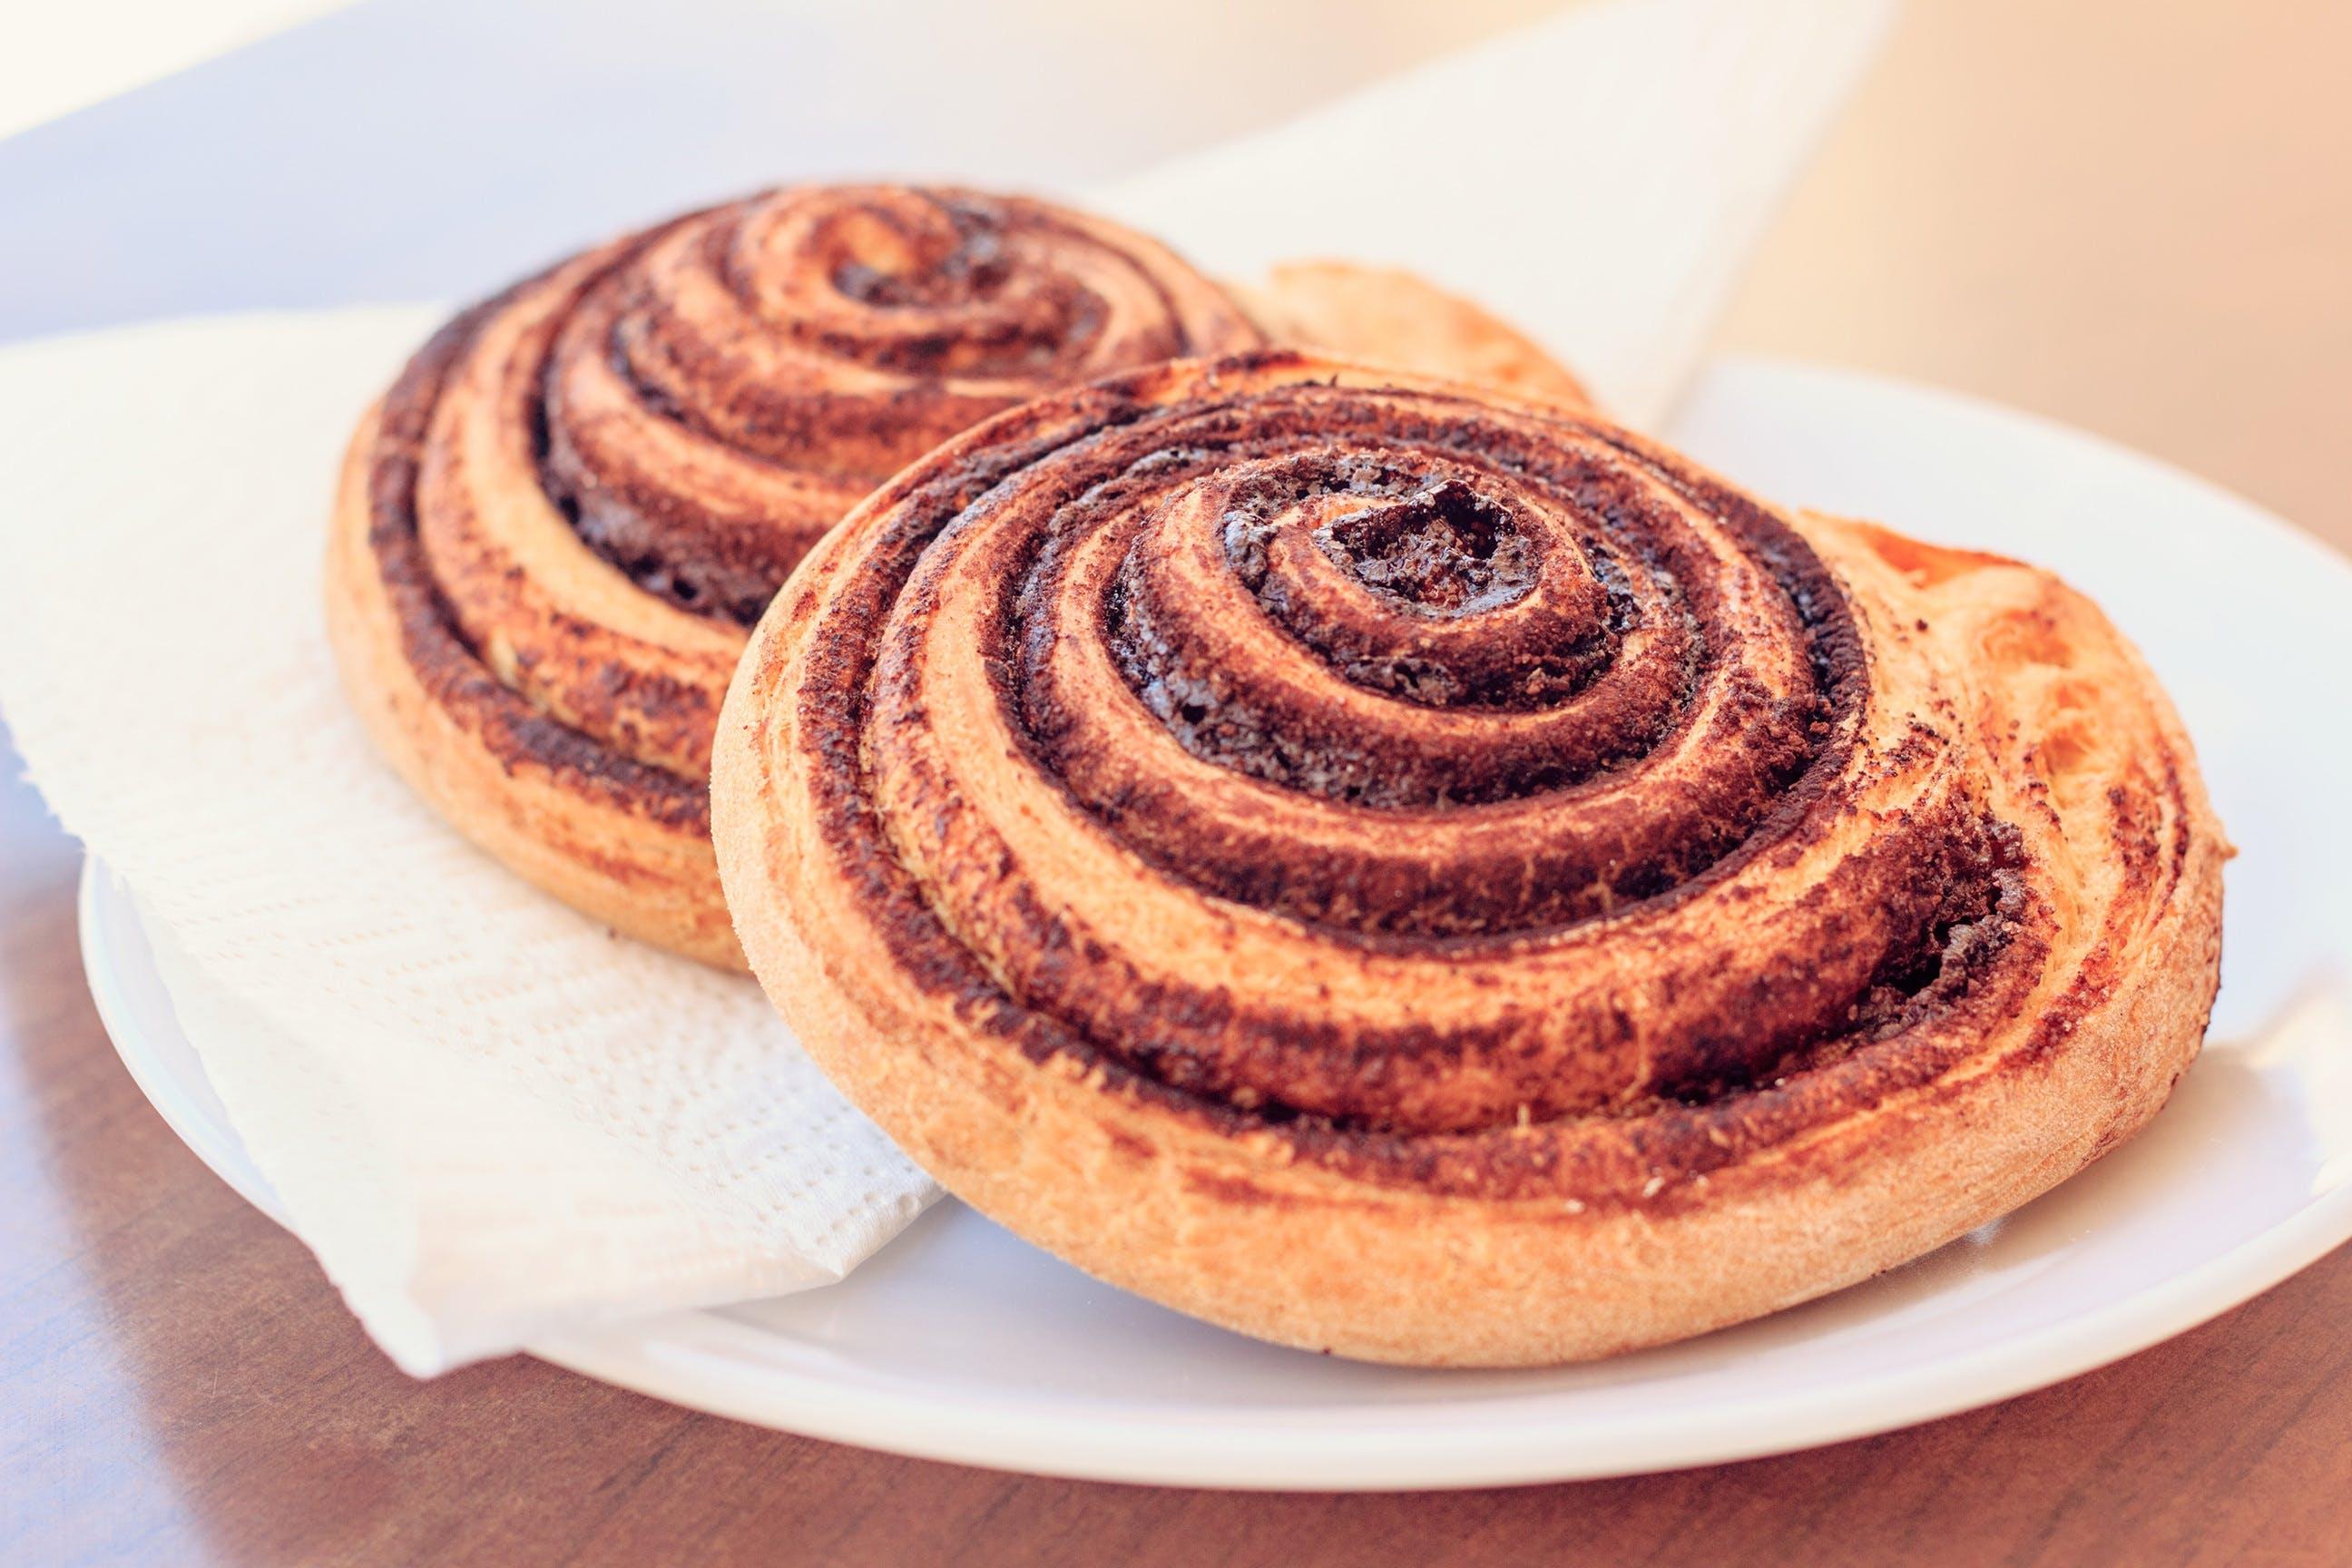 bakery, baking, bread